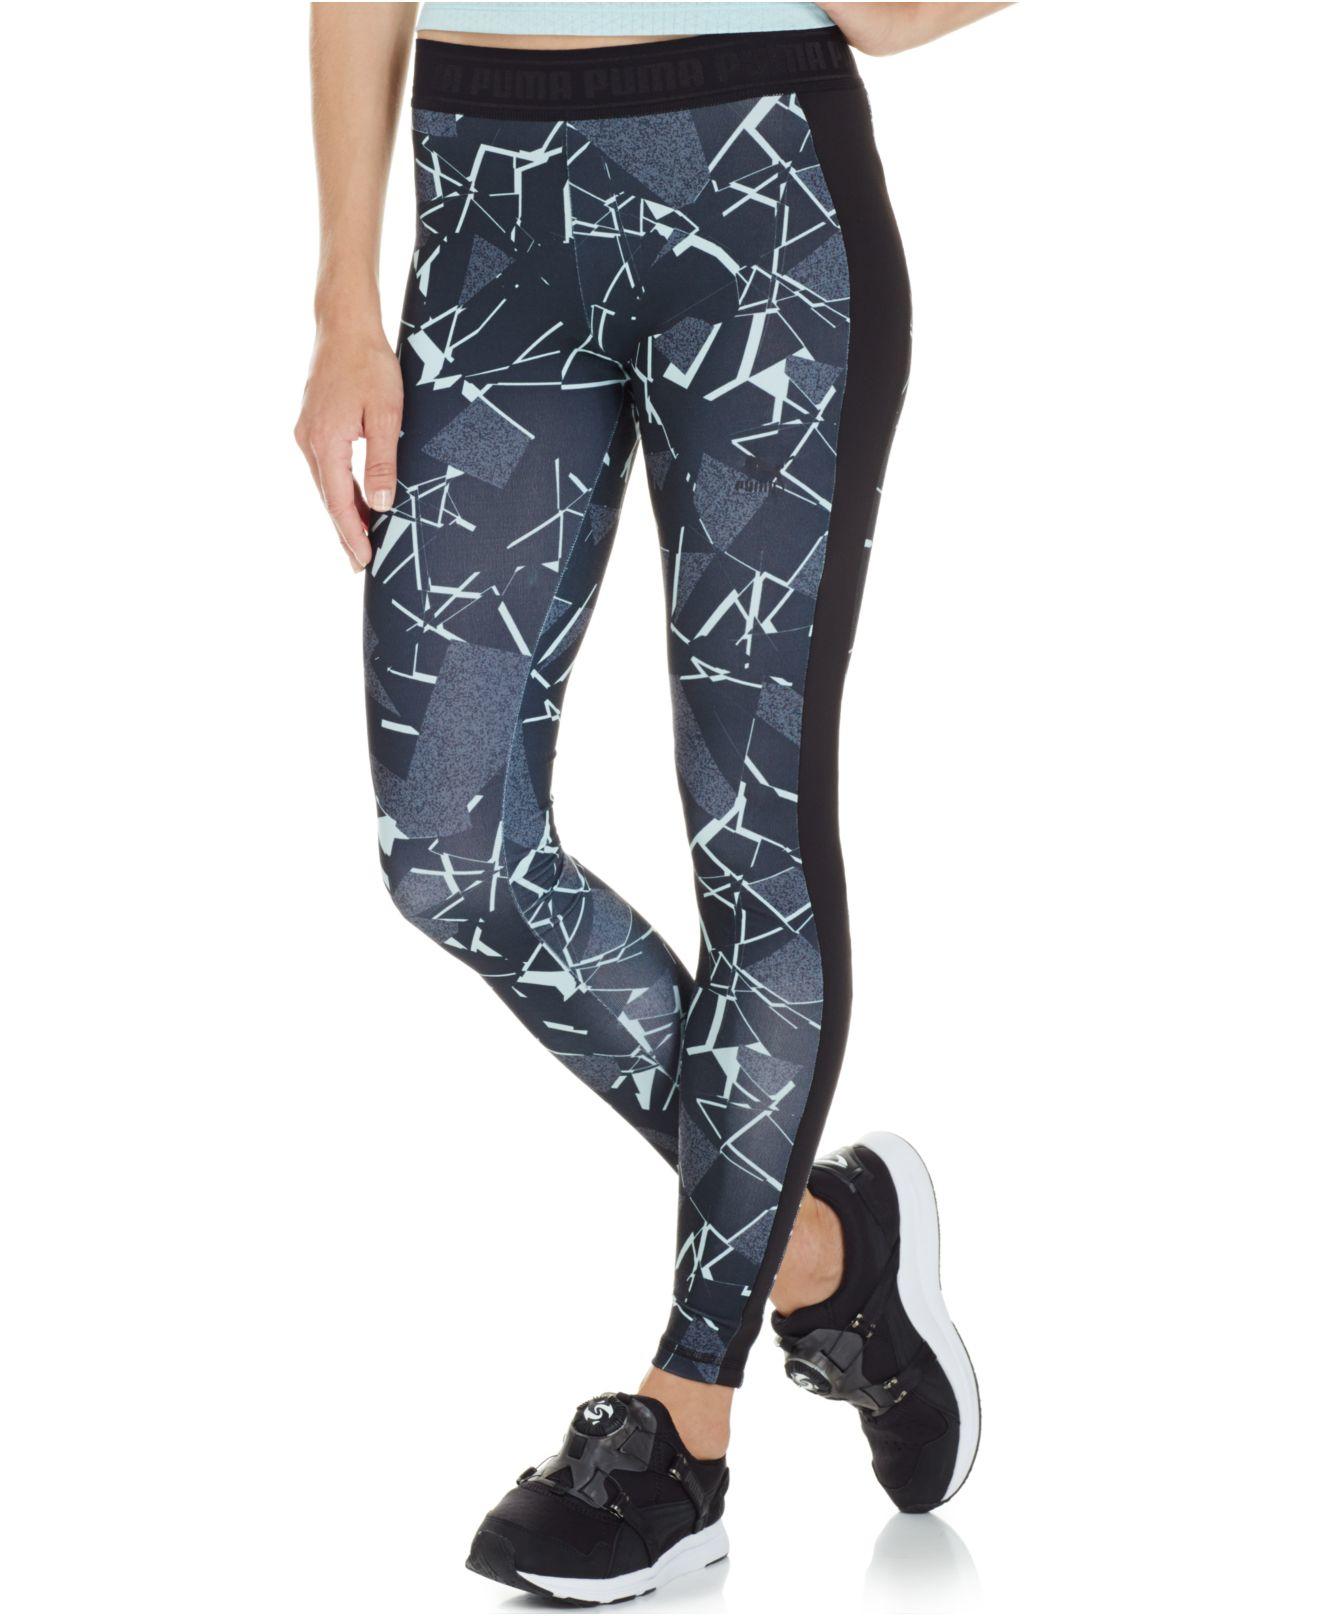 Puma Printed Leggings